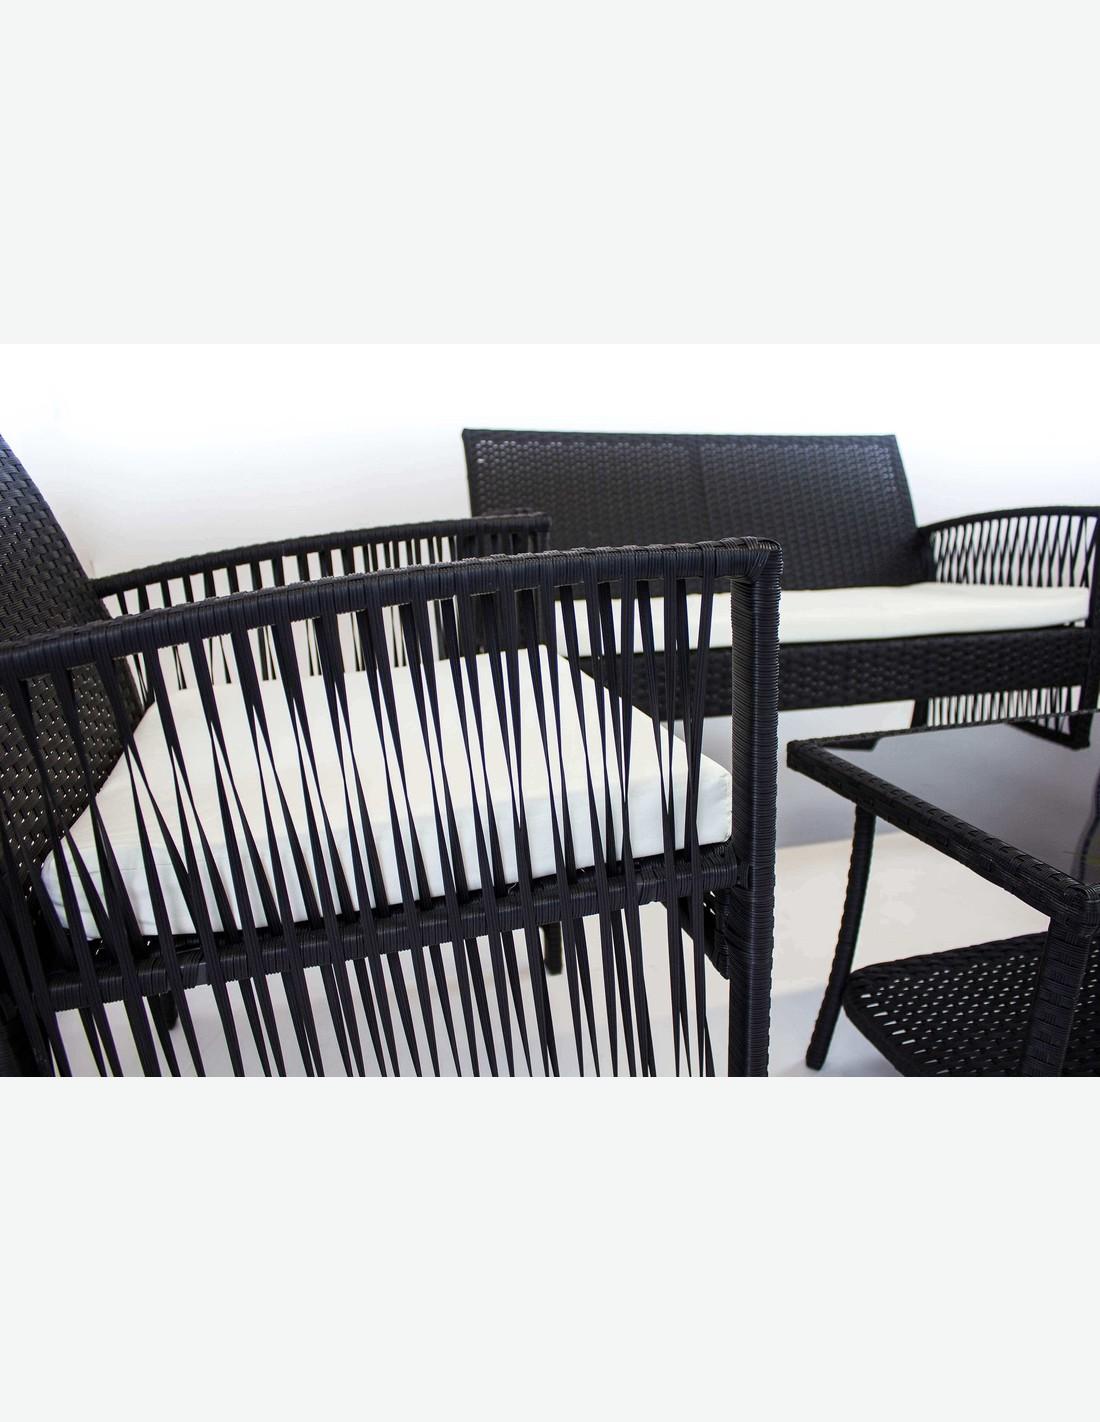 Cuscini Bianchi E Neri ideale per il balcone o per il proprio giardino. set di